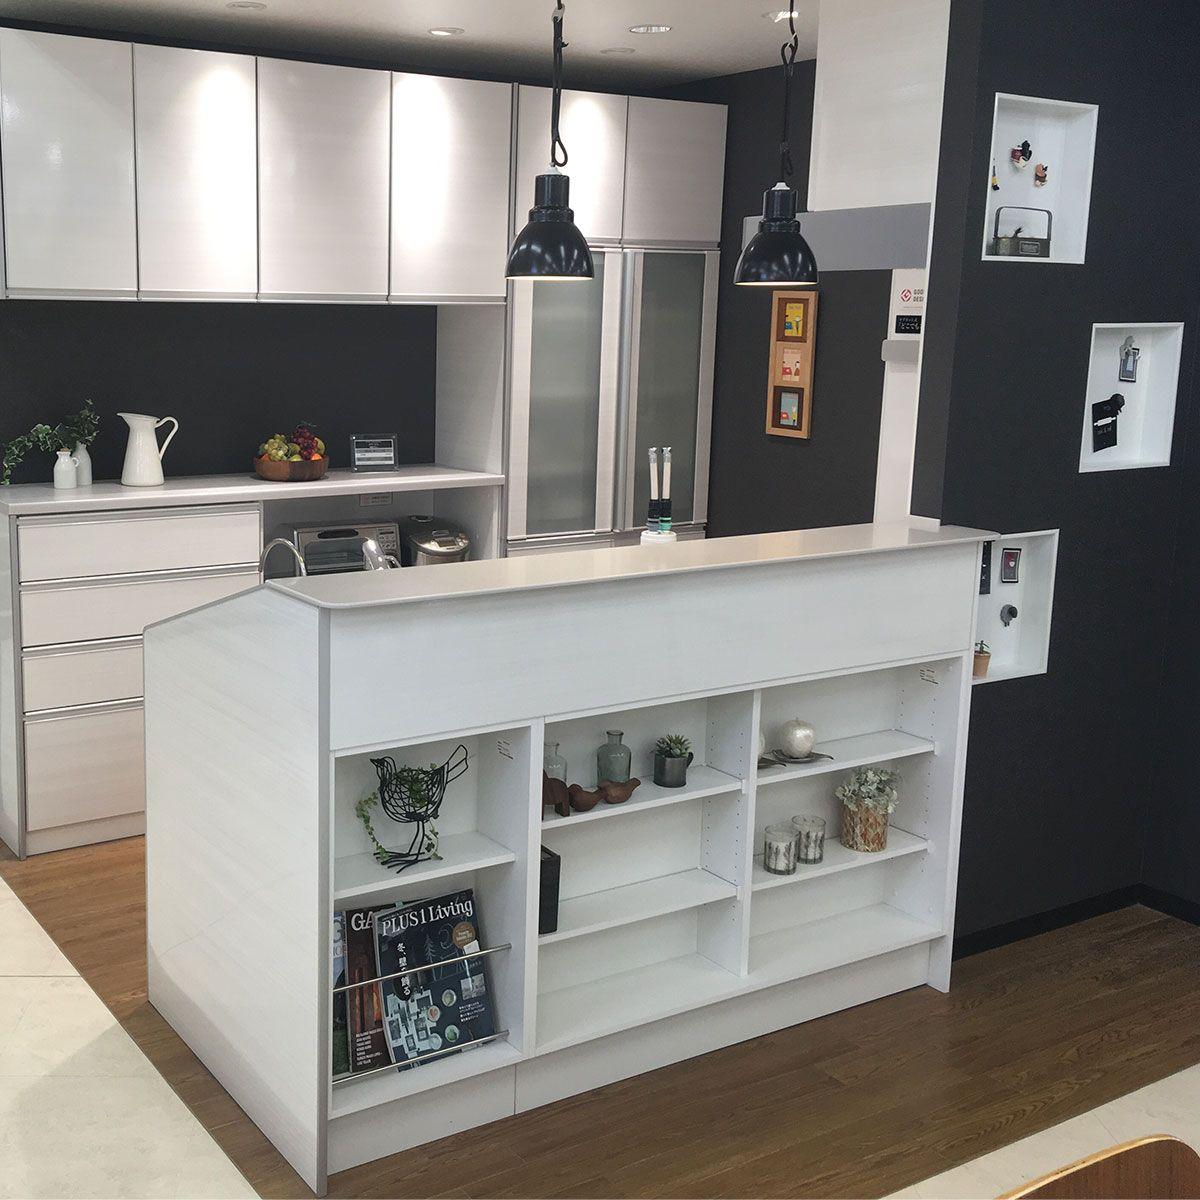 食器棚 カップボード キッチンカウンター 収納棚 背面収納 壁面収納 周辺収納 タカラスタンダード キッチン 背面収納 タカラスタンダード タカラスタンダード キッチン